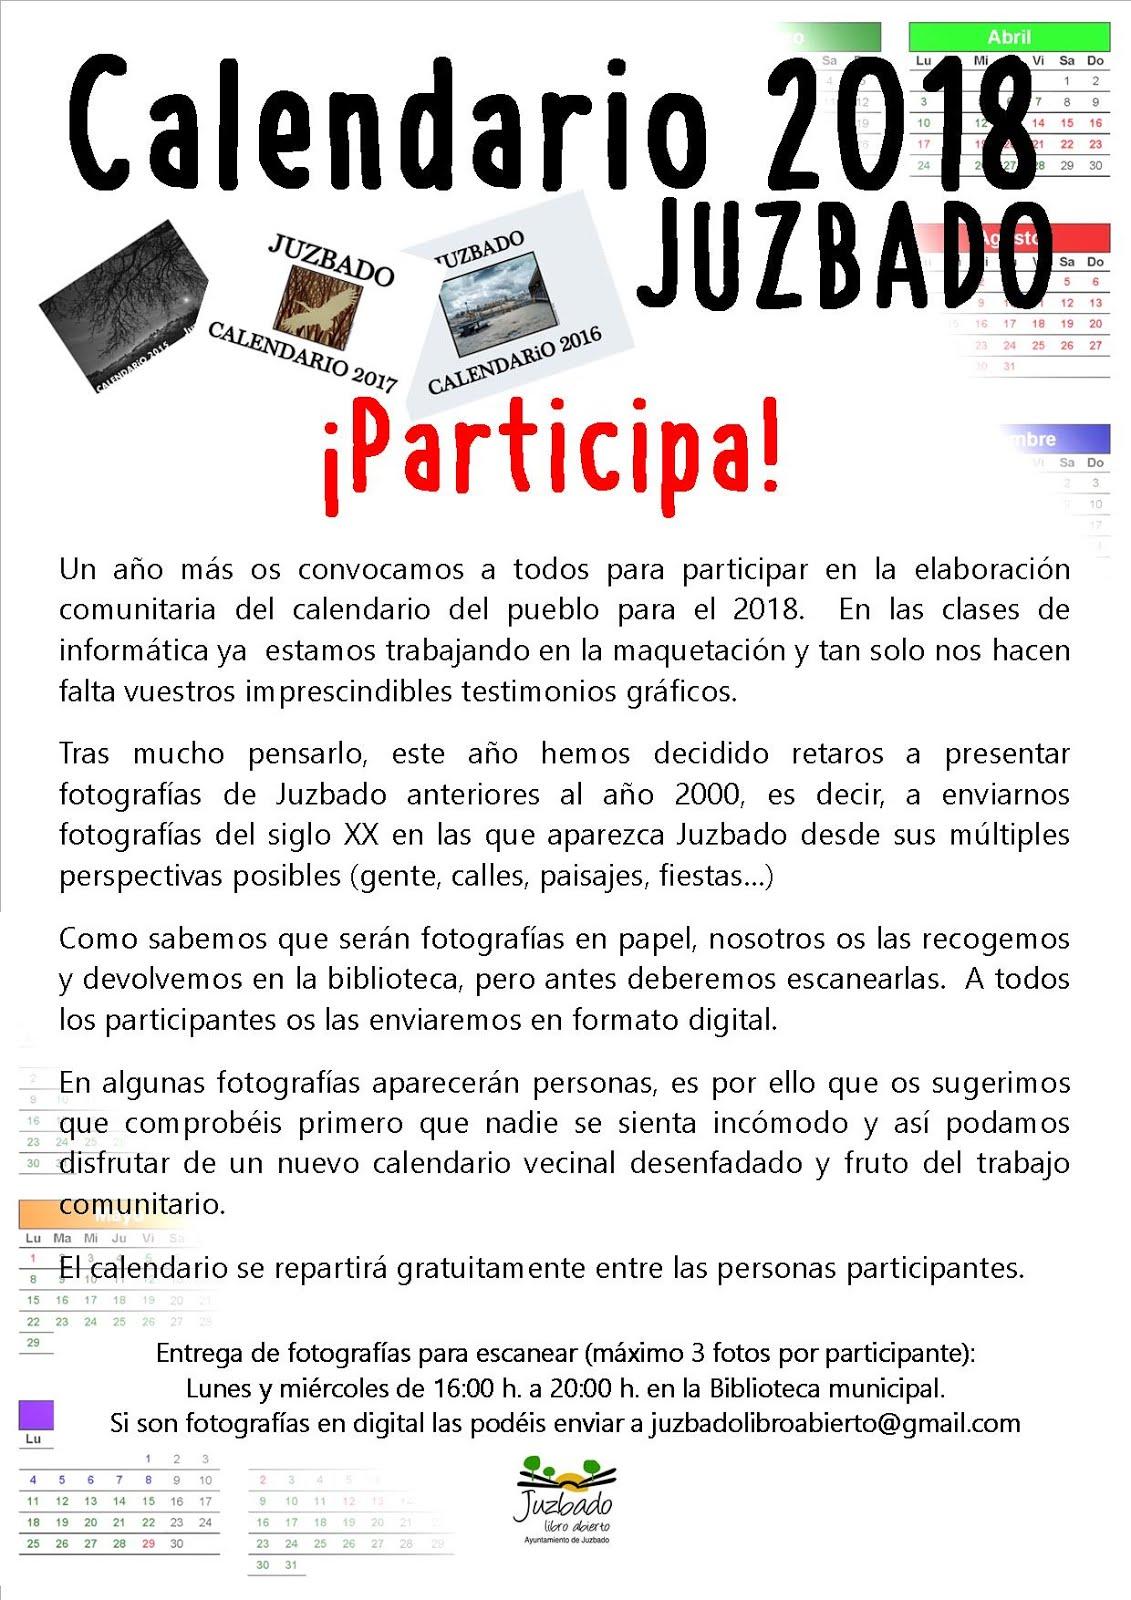 PARTICIPA EN EL CALENDARIO 2018